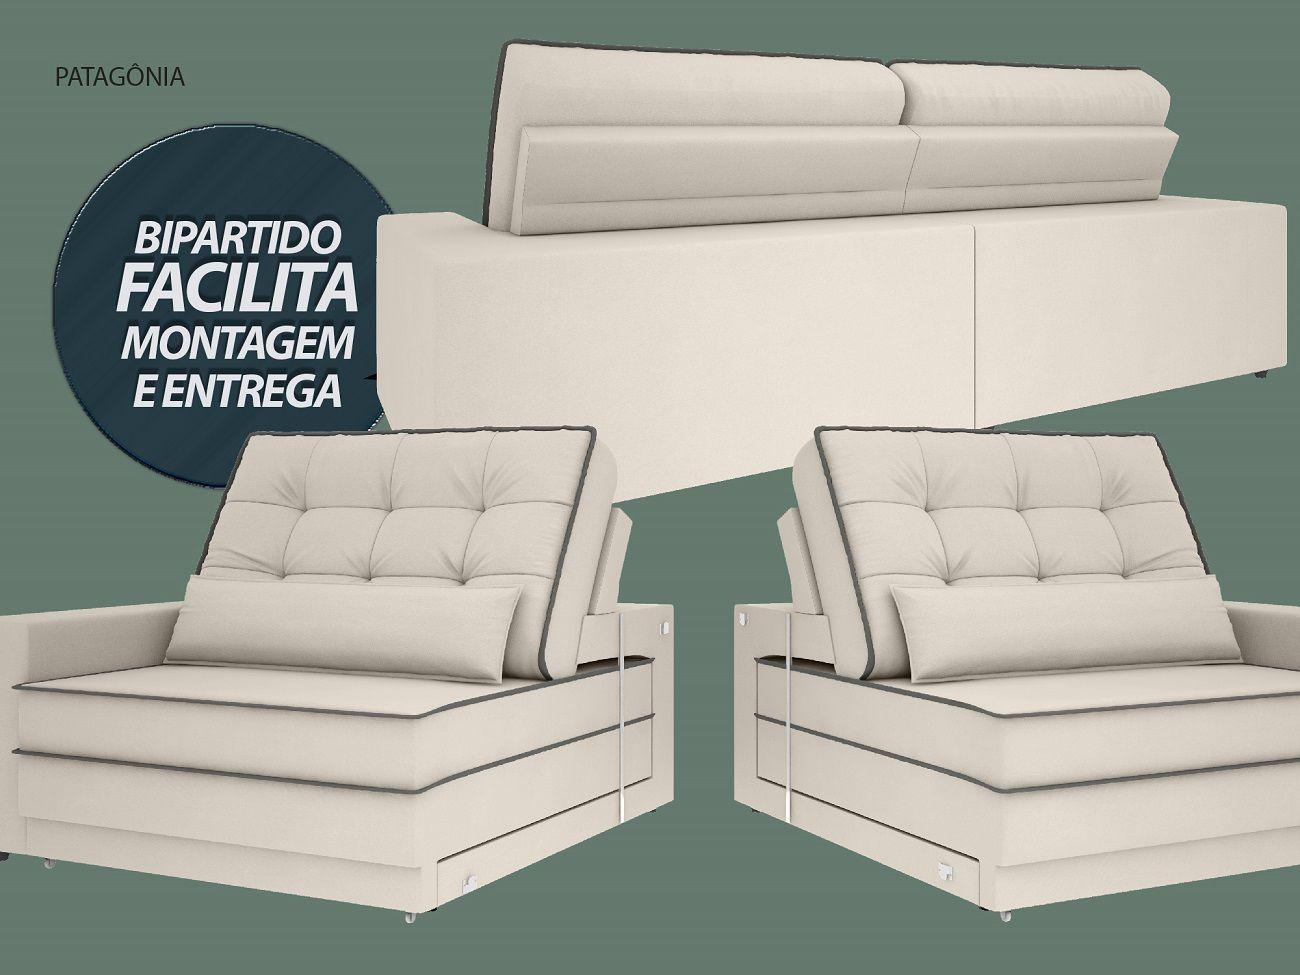 Sofá Patagônia 2,60m Retrátil e Reclinável Velosuede Areia - NETSOFAS  - NETSOFÁS